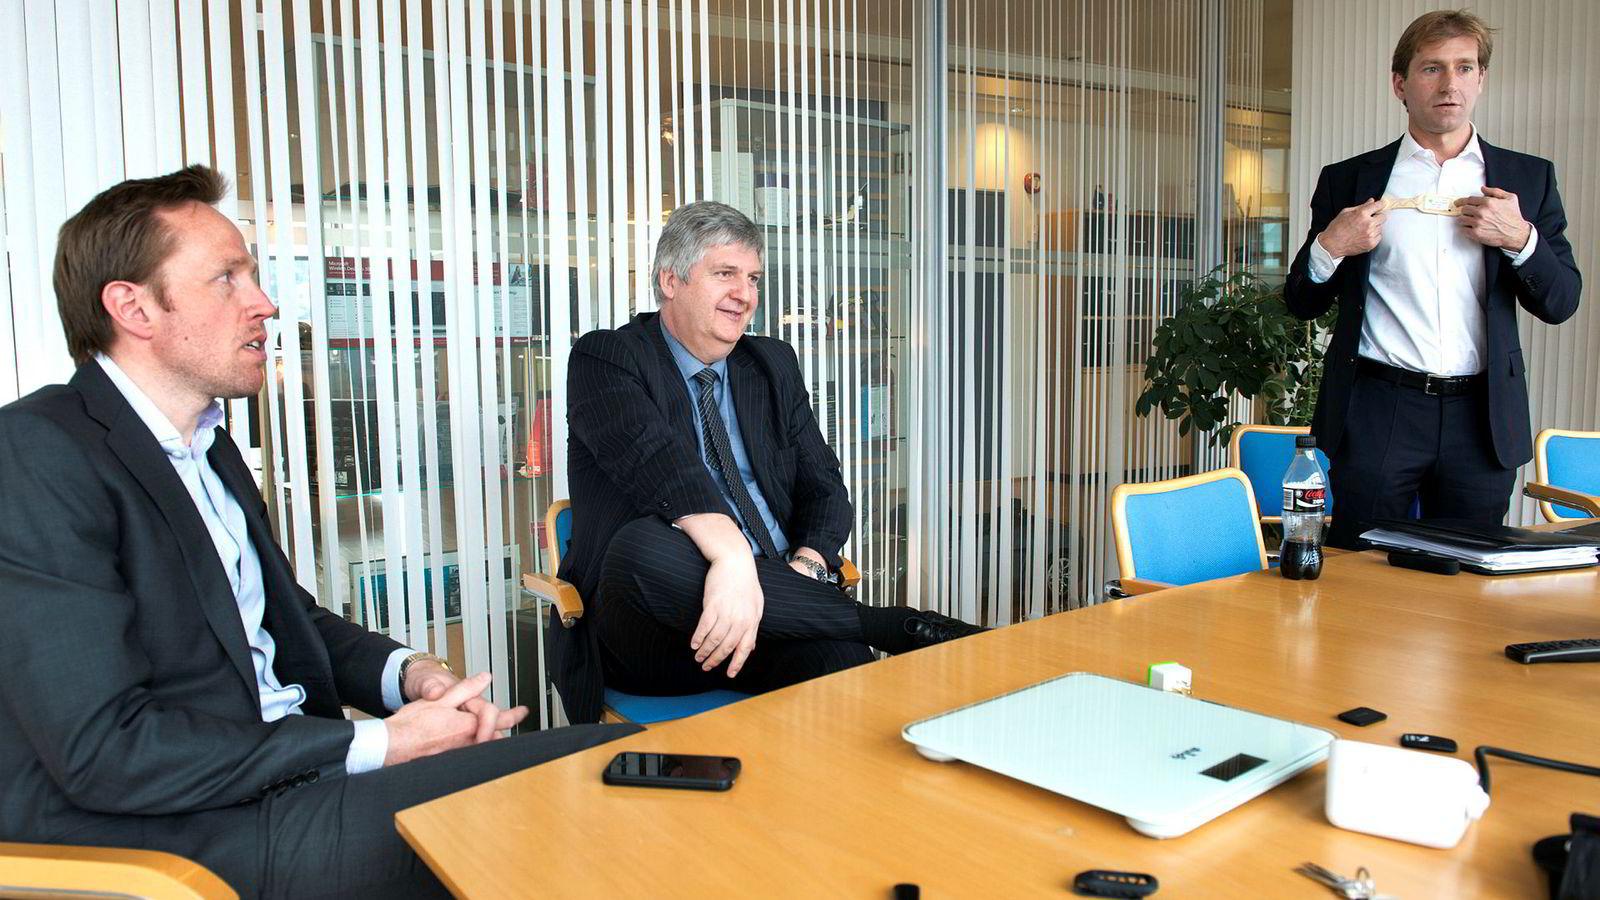 Nordic Semiconductor-sjef Svenn-Tore Larsen (i midten) sier handelskrigen rammer selskapet. Til venstre er Thomas Søderholm, sjef for forretningsutvikling. Til høyre er tidligere finansdirektør Robert Giori.